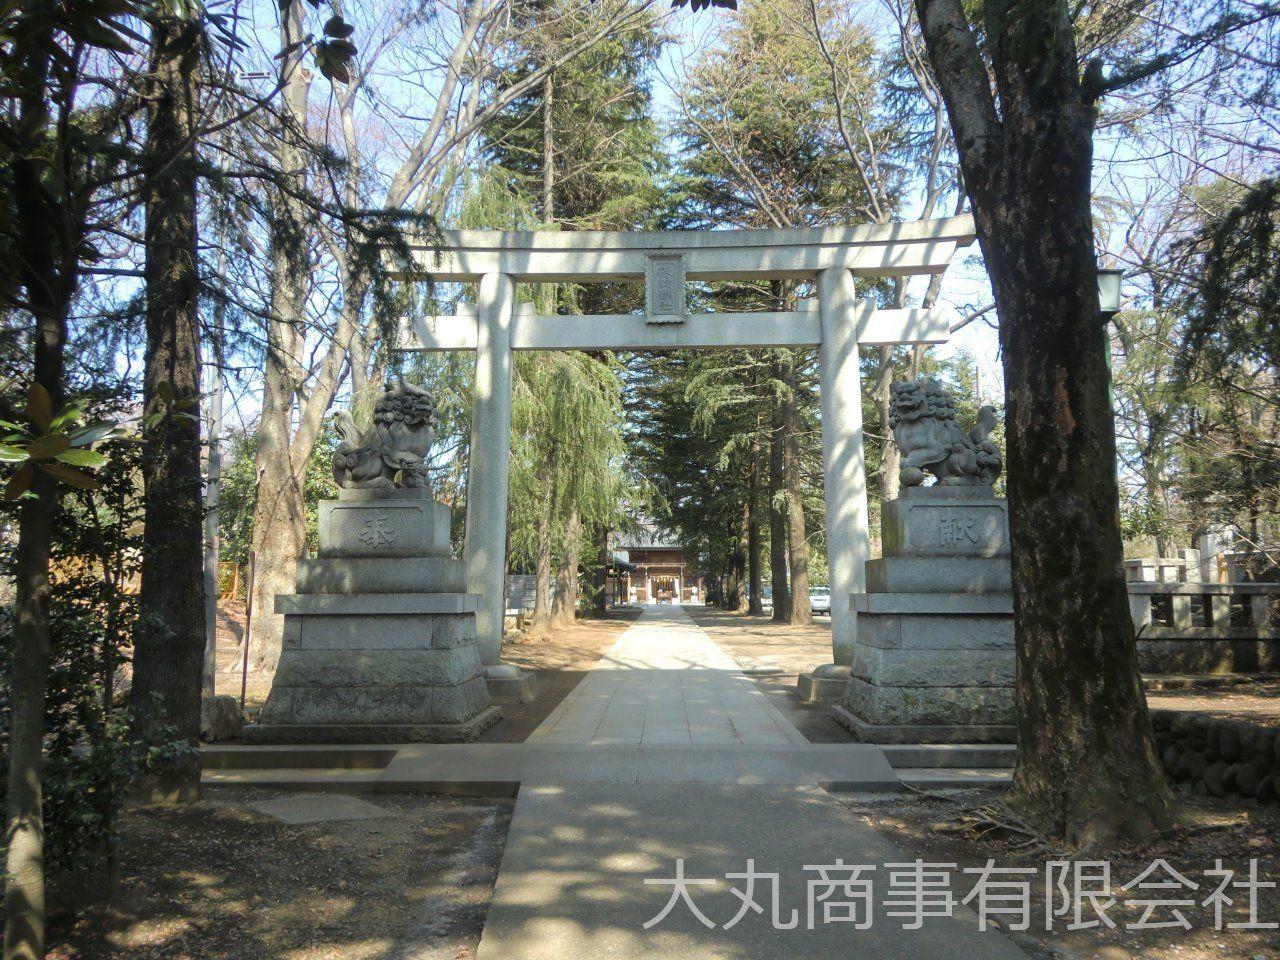 夏には例祭で盛り上がる由緒ある神社